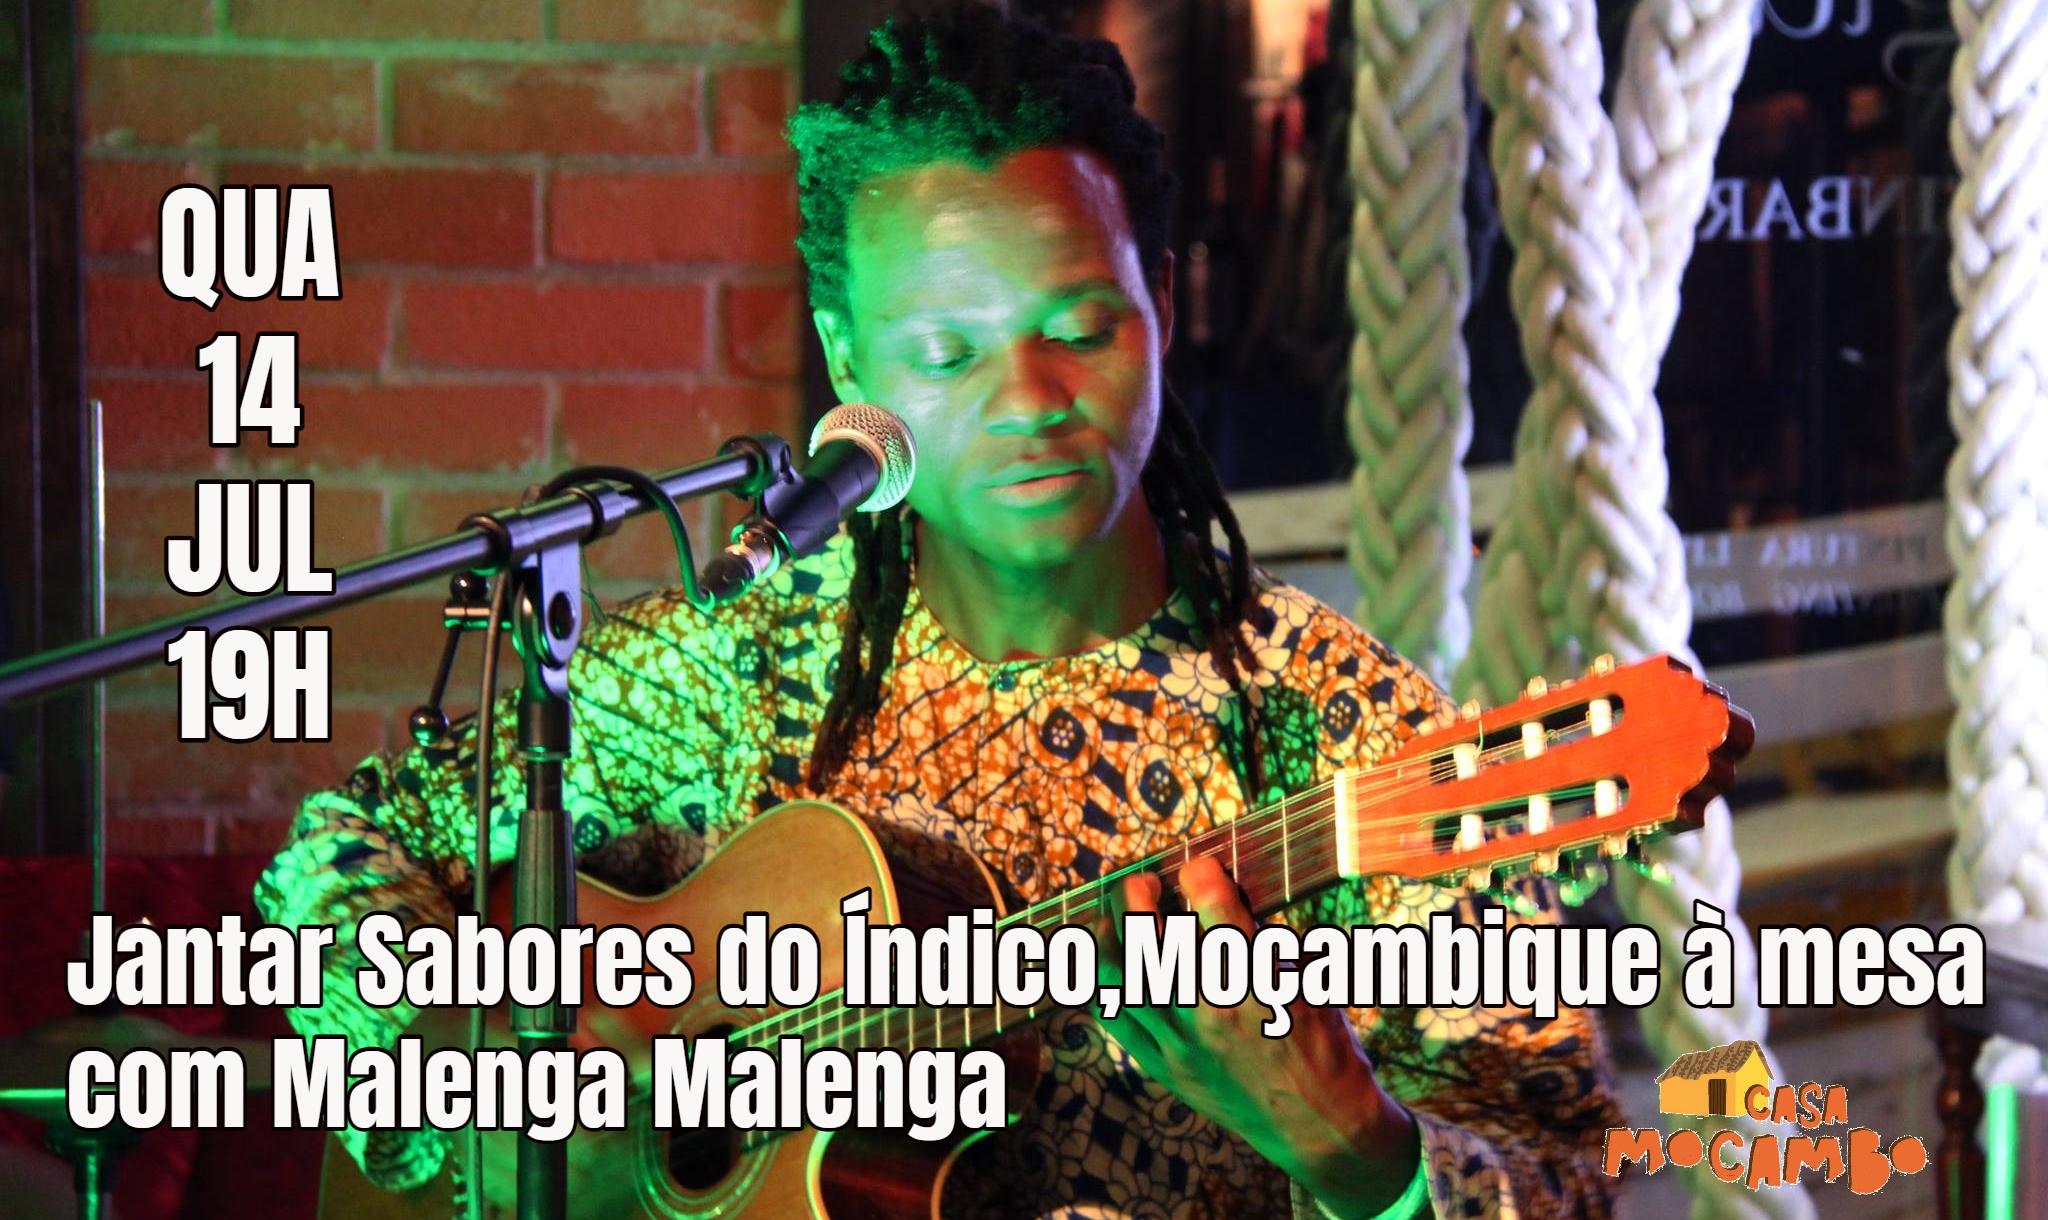 Jantar Sabores do Índico, Moçambique à mesa com Malenga Malenga